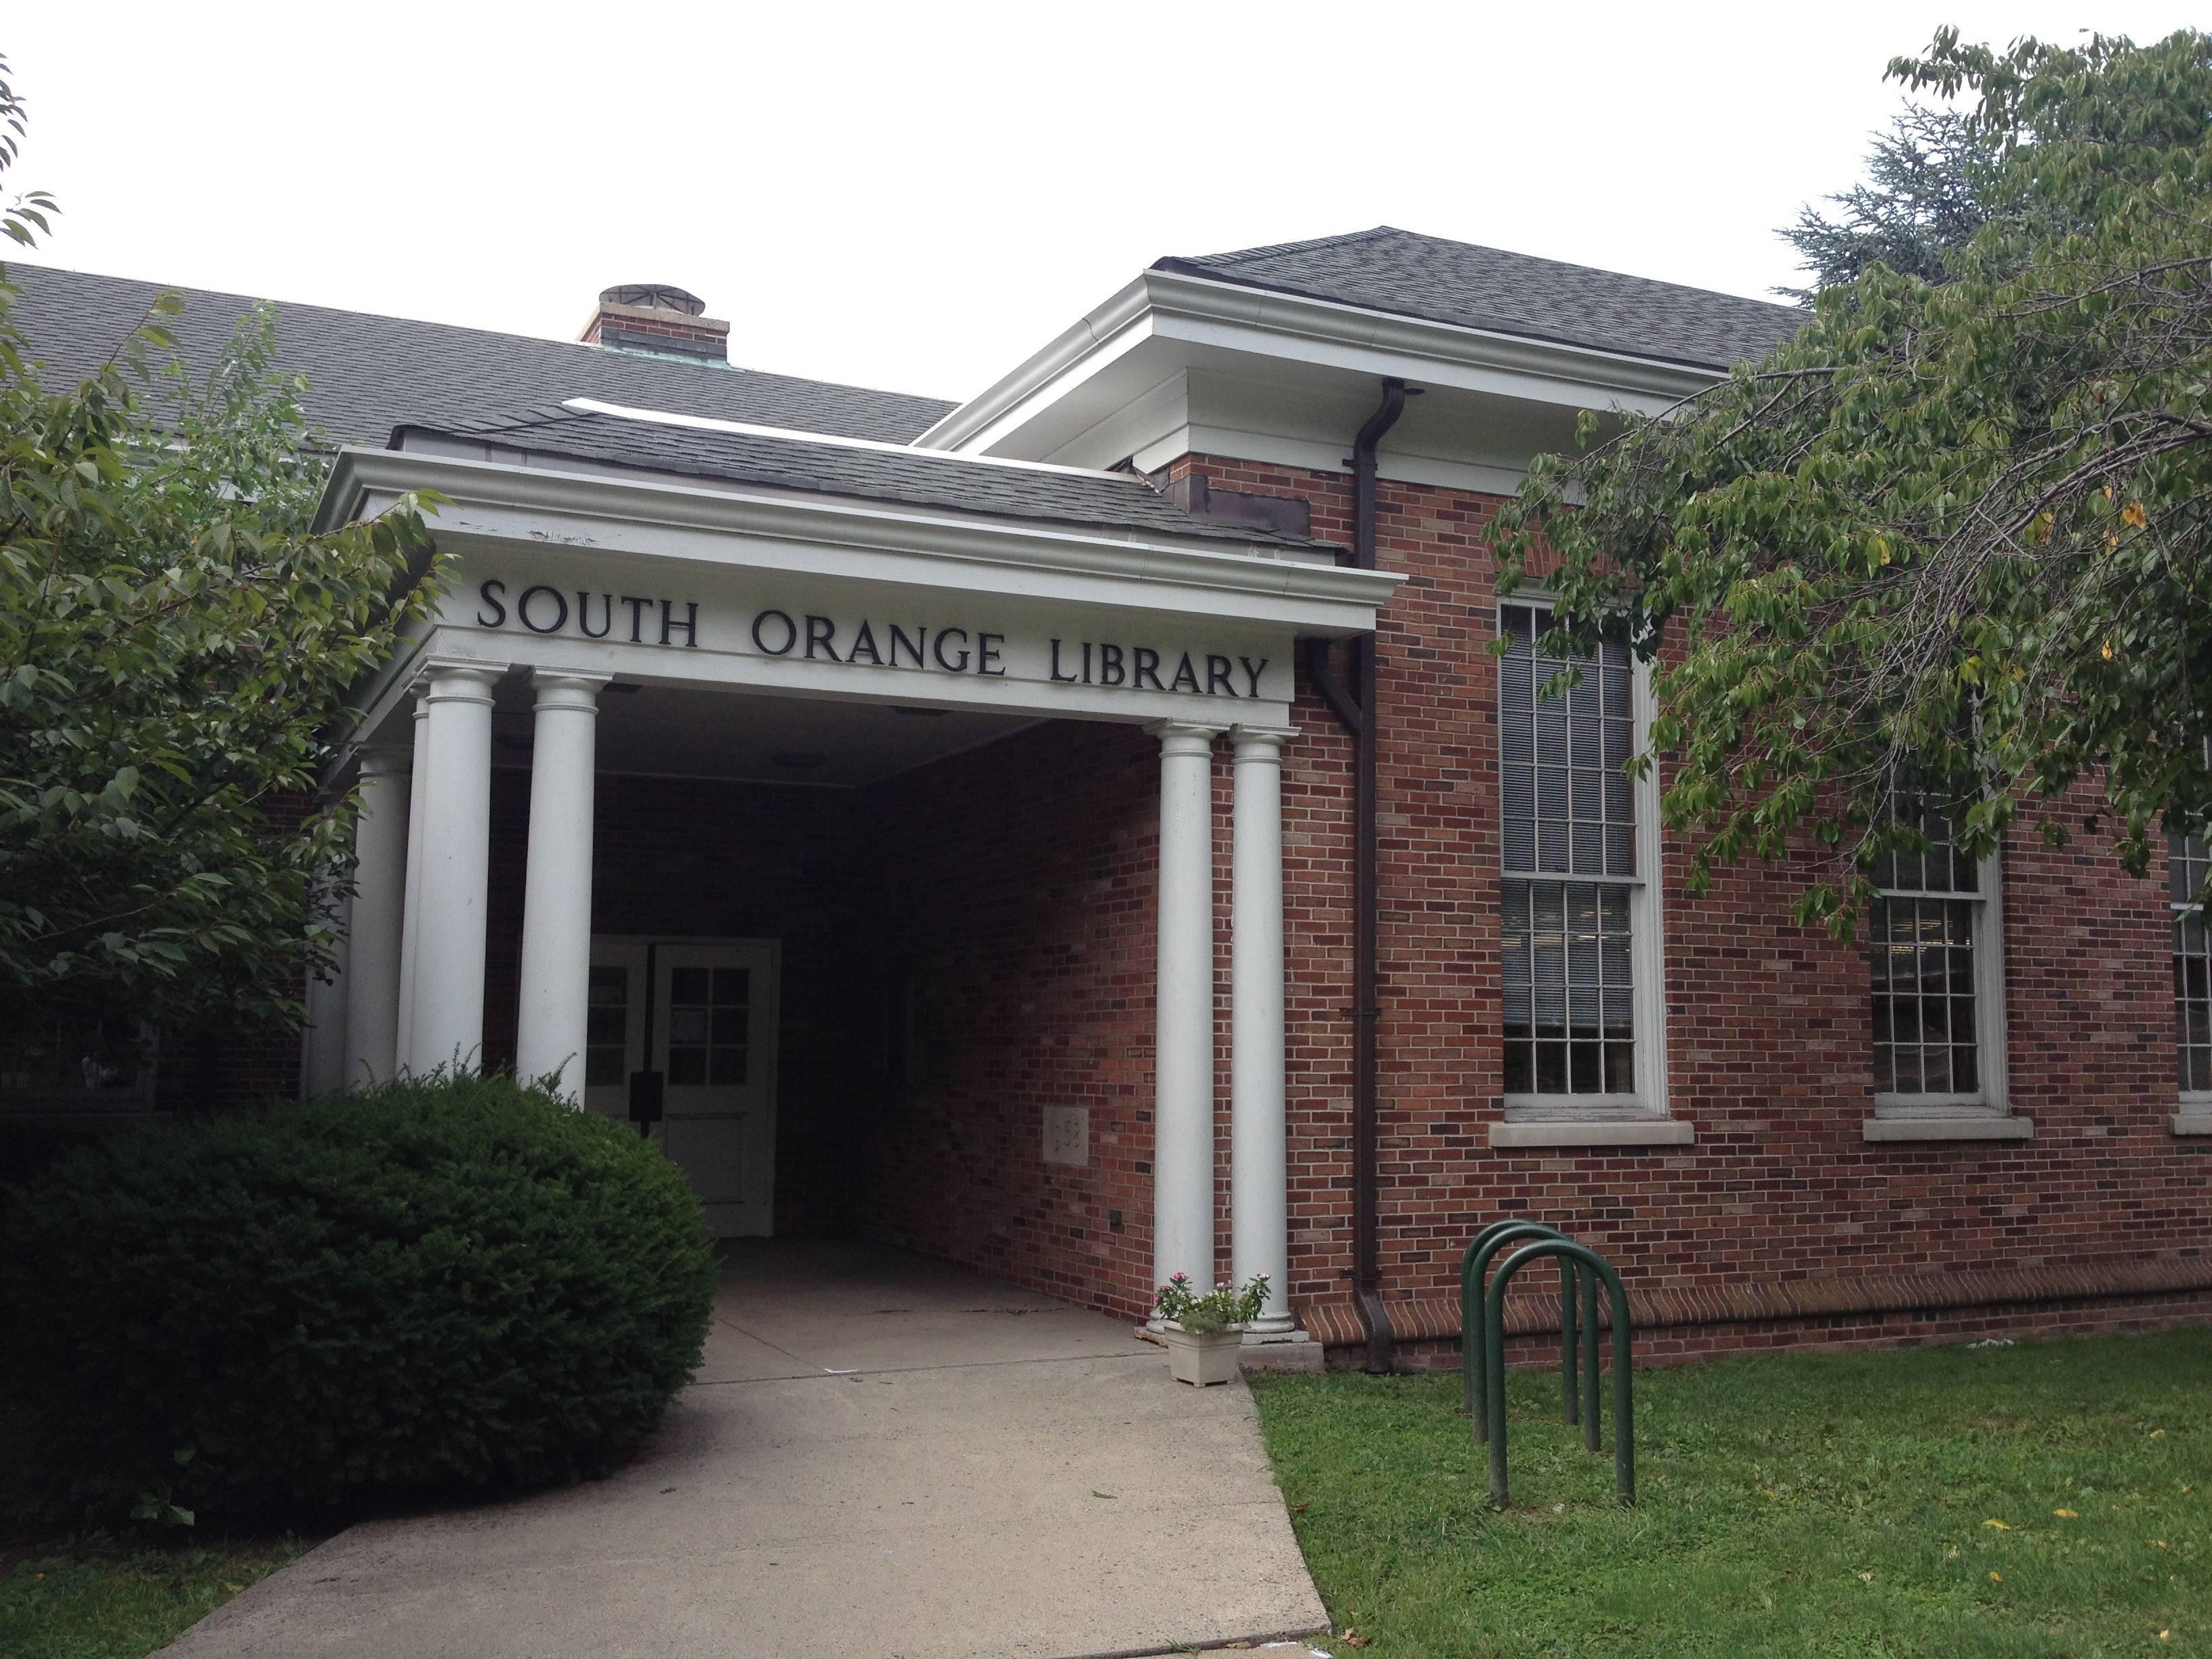 d00a798b7d2035e388df_South_Orange_Library.JPG